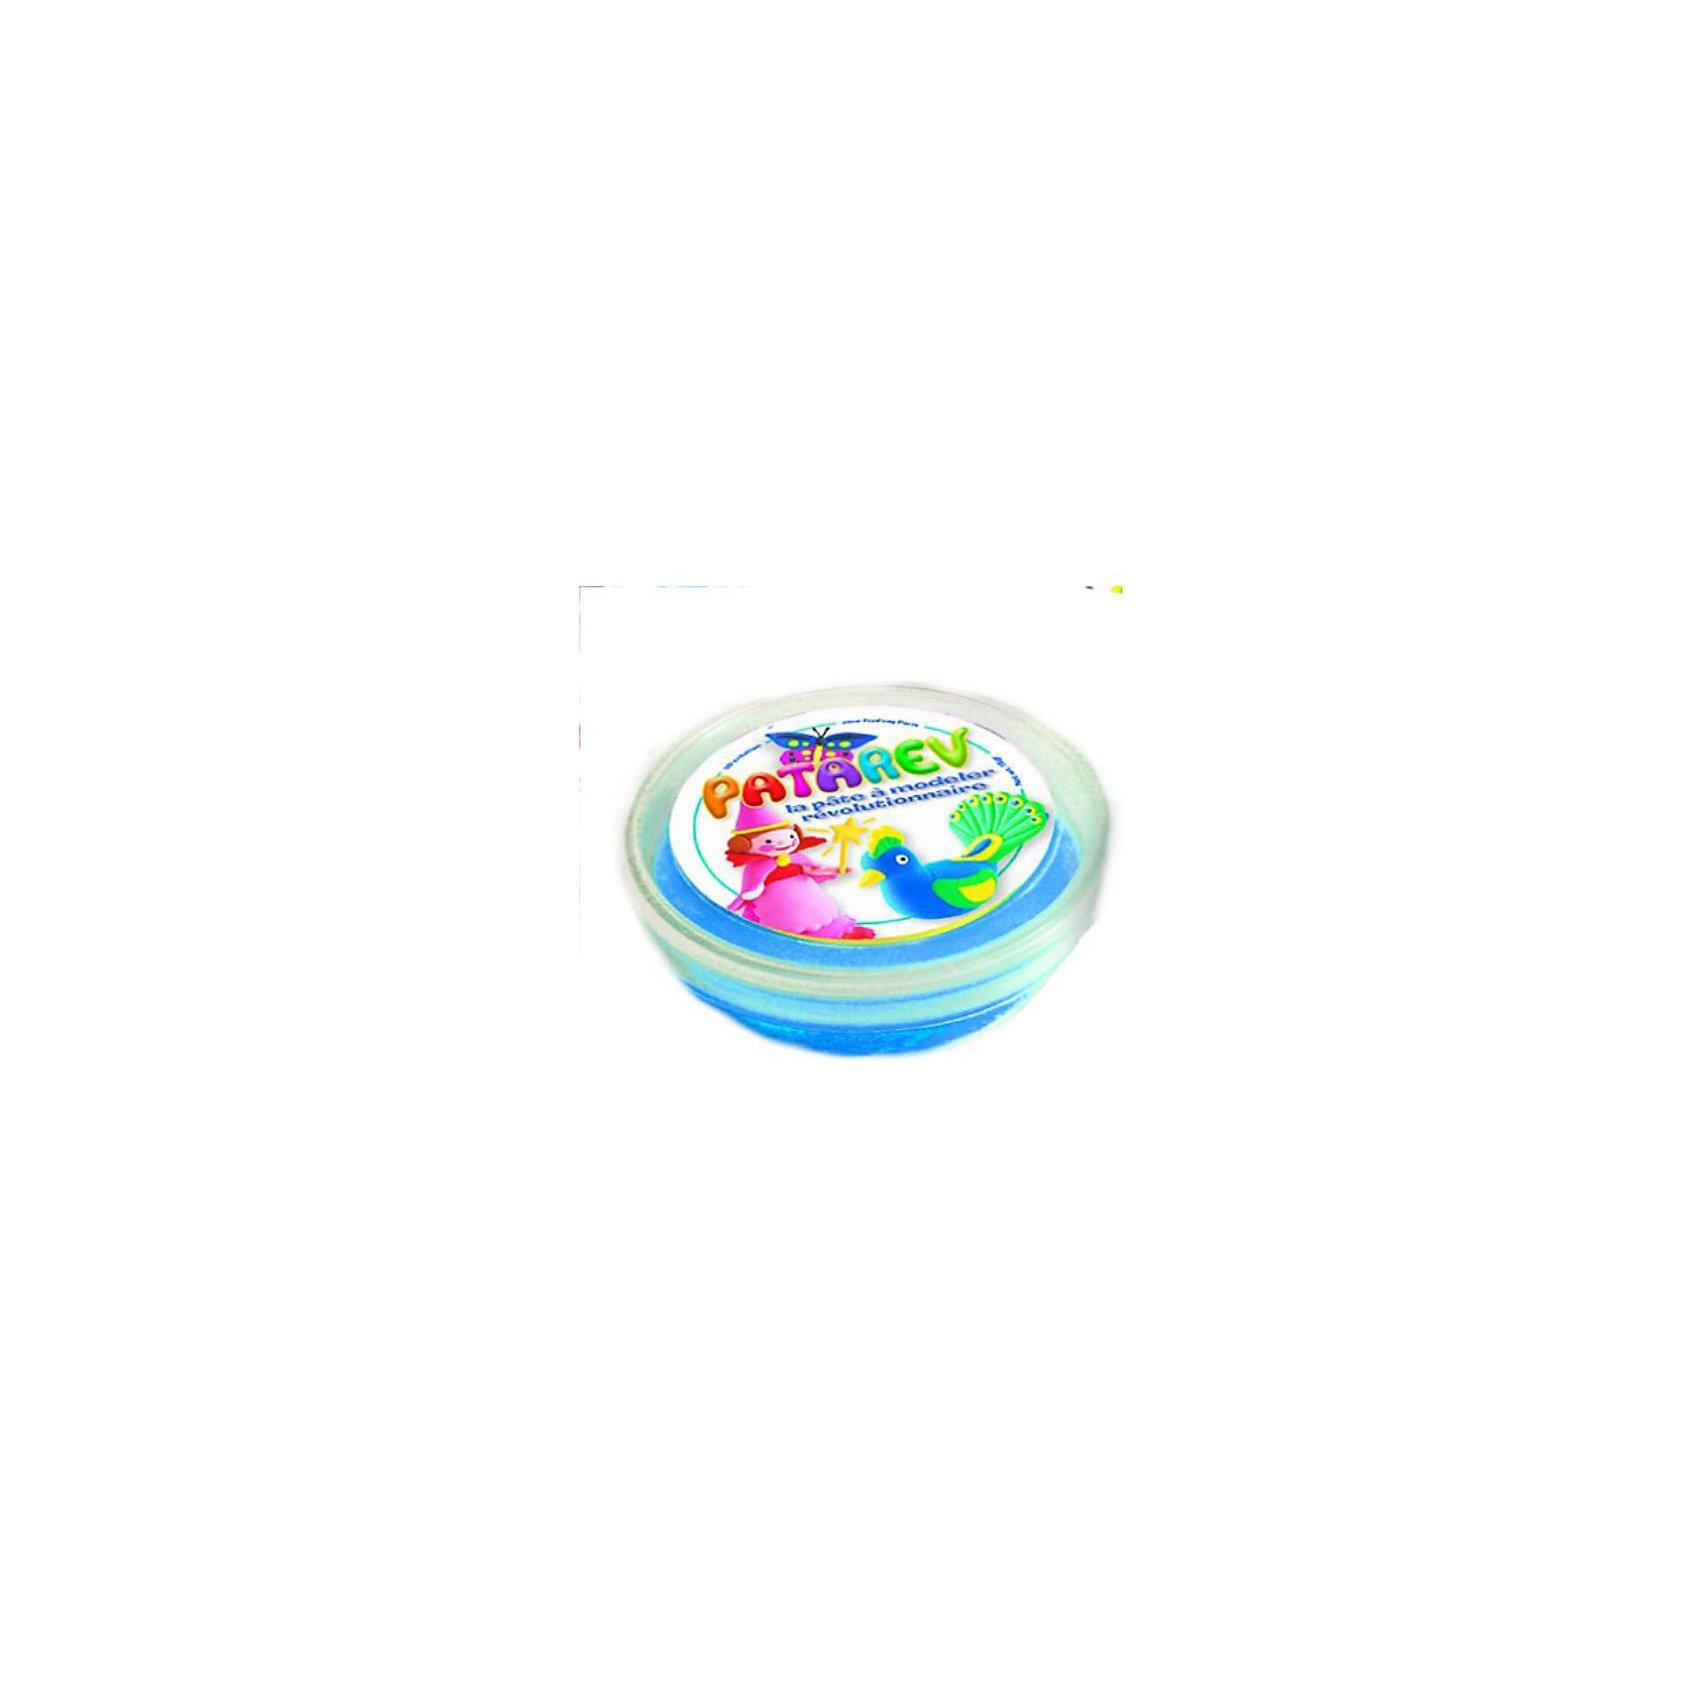 SentoSpherе 866 Пластилин PATAREV 30 грамм (синий)Пластилин хорошо режется фигурными ножницами, с помощью которых можно будет вырезать красивую кайму. Высохнув, пластилин не ломается. Когда пластилин высохнет, его можно раскрасить. Засохший пластилин можно вернуть в исходное состояние, намочив водой.<br><br>Дополнительная информация:<br><br>Объем: 30 грамм<br>Цвет: синий<br><br>Ширина мм: 50<br>Глубина мм: 30<br>Высота мм: 50<br>Вес г: 35<br>Возраст от месяцев: 36<br>Возраст до месяцев: 84<br>Пол: Унисекс<br>Возраст: Детский<br>SKU: 2176780